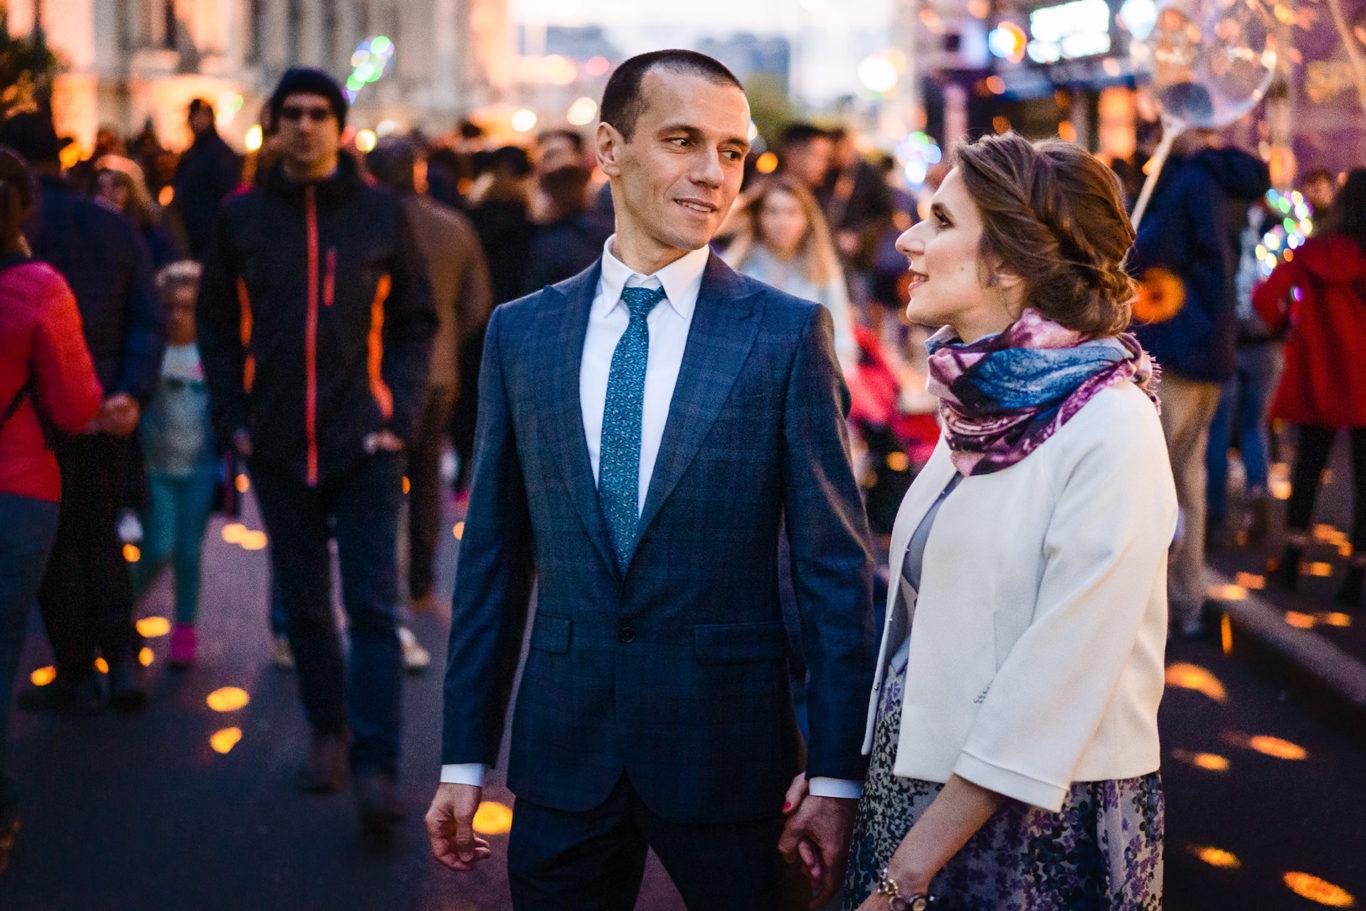 Sesiune foto de logodna la Spotlight 2019 - fotograf Ciprian Dumitrescu